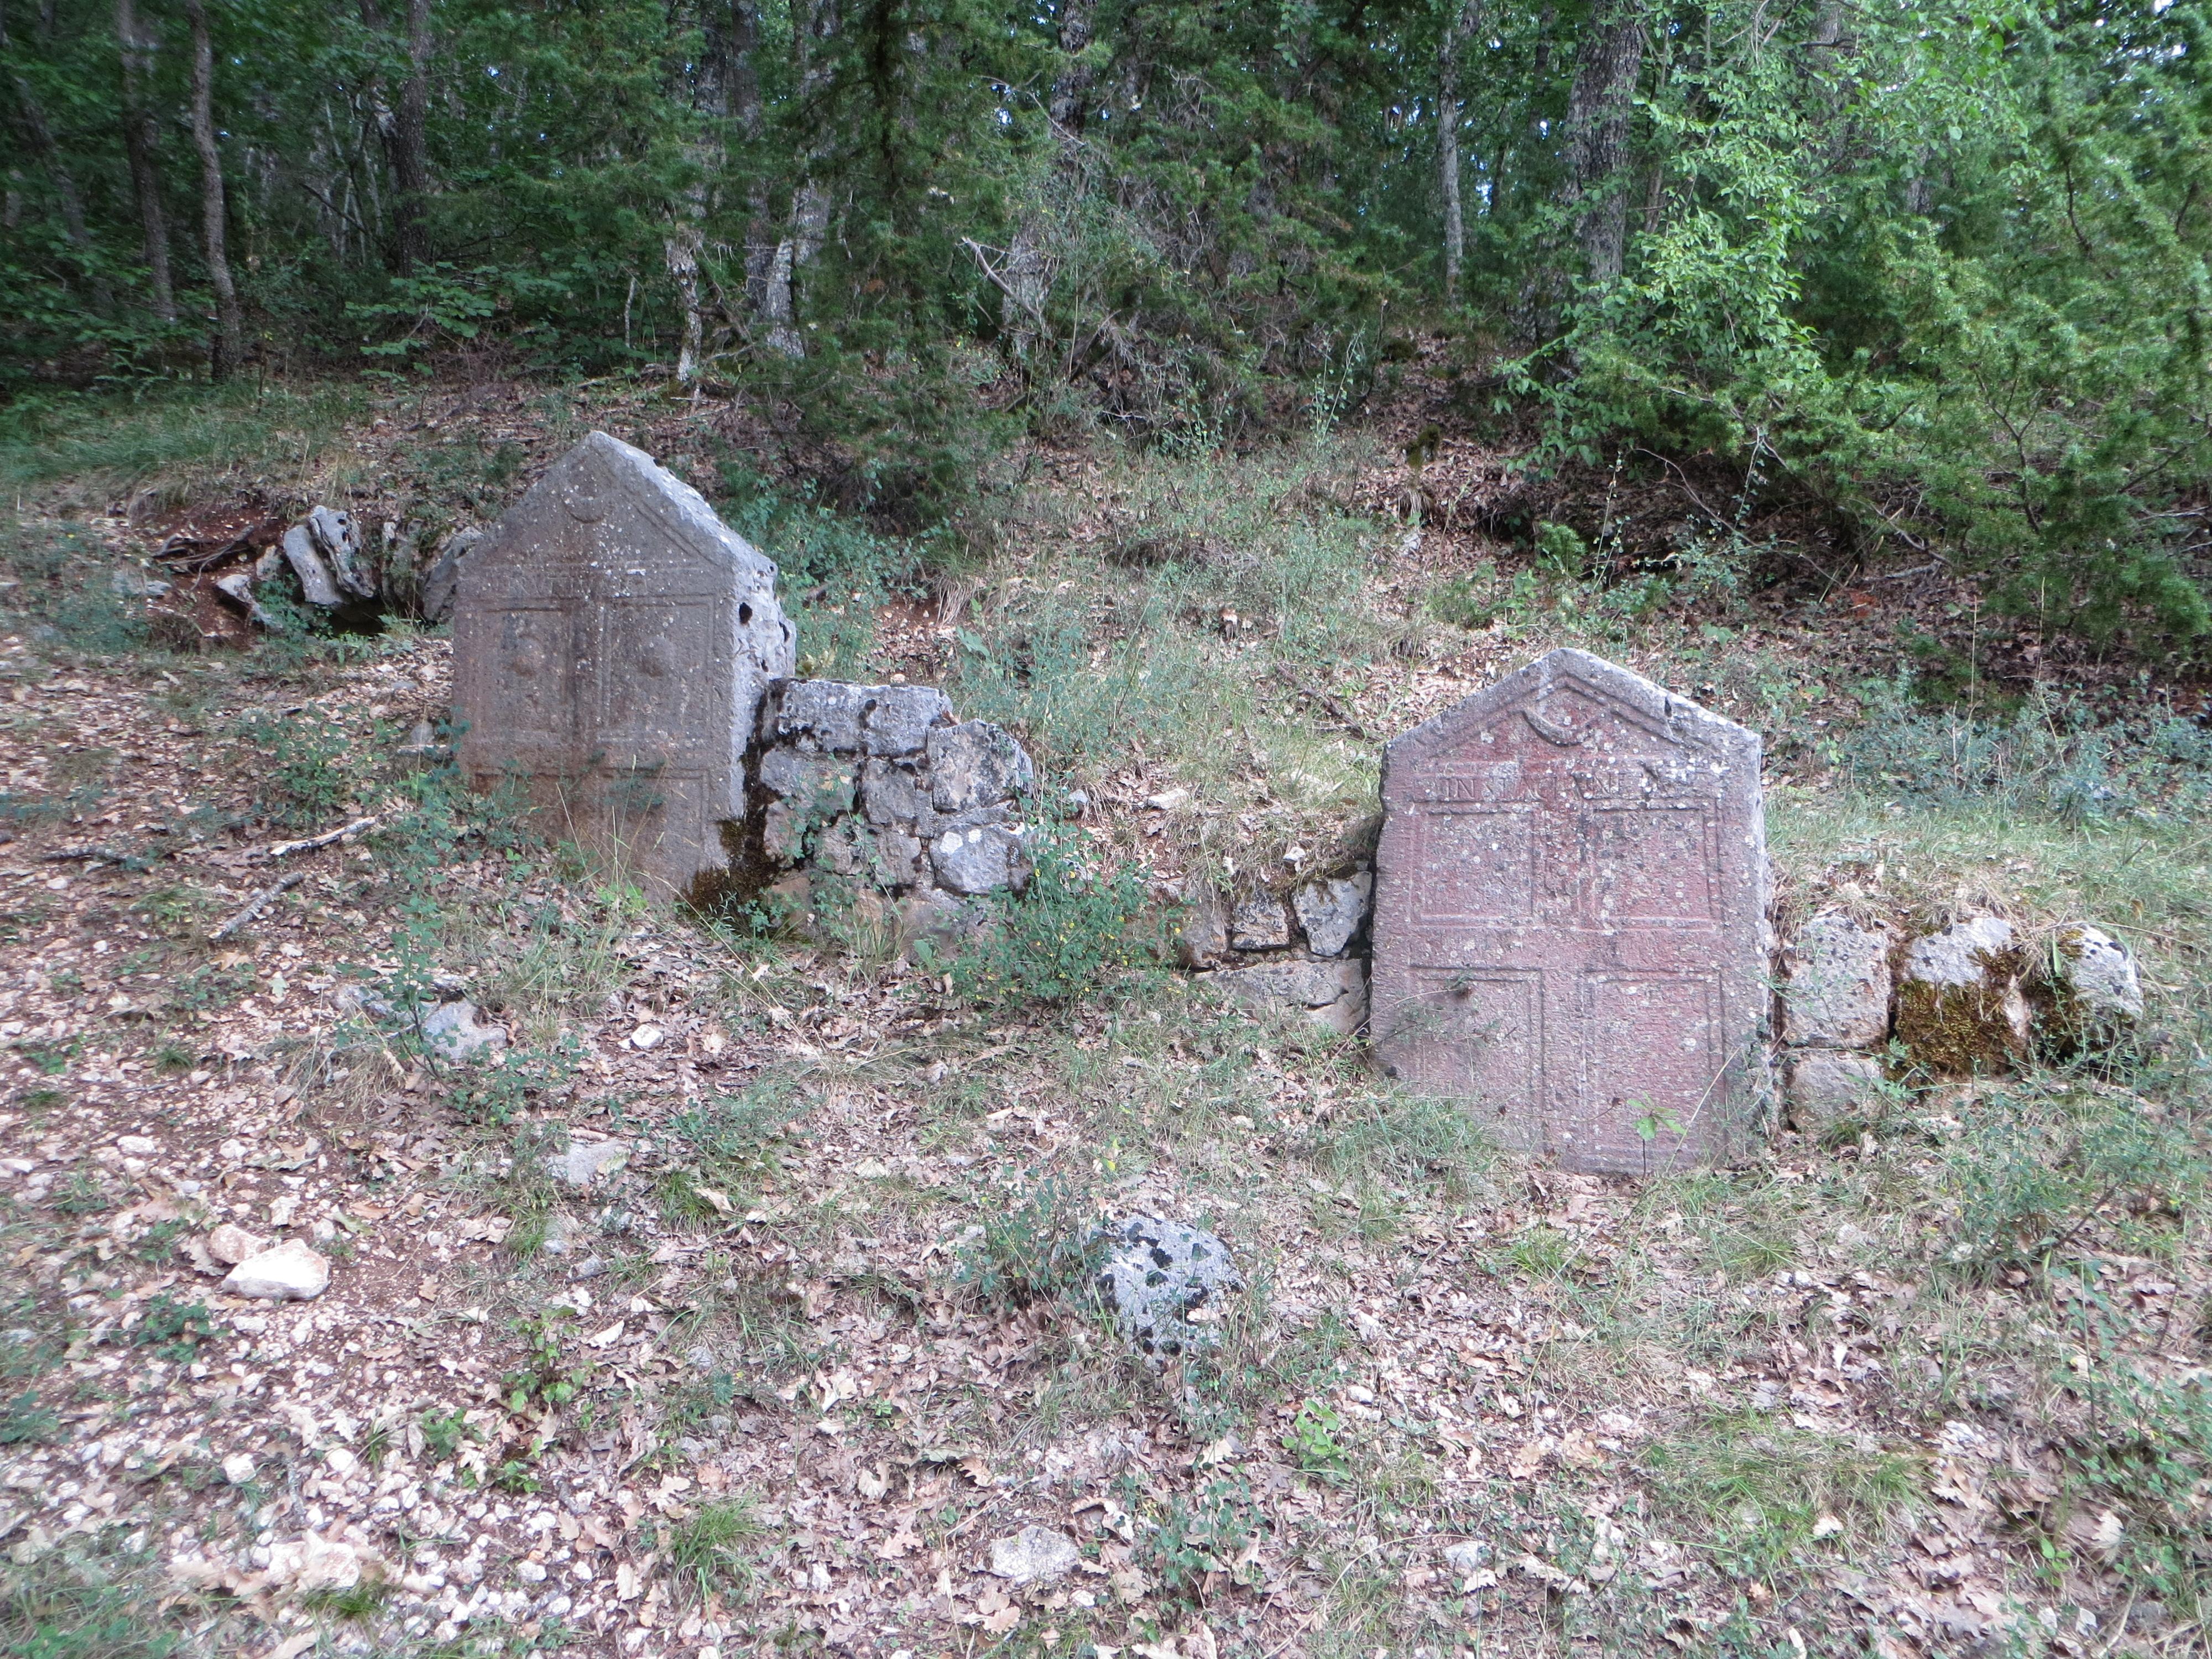 Alla scoperta della Valle d'Amplero e le tombe degli antichi guerrieri marsi